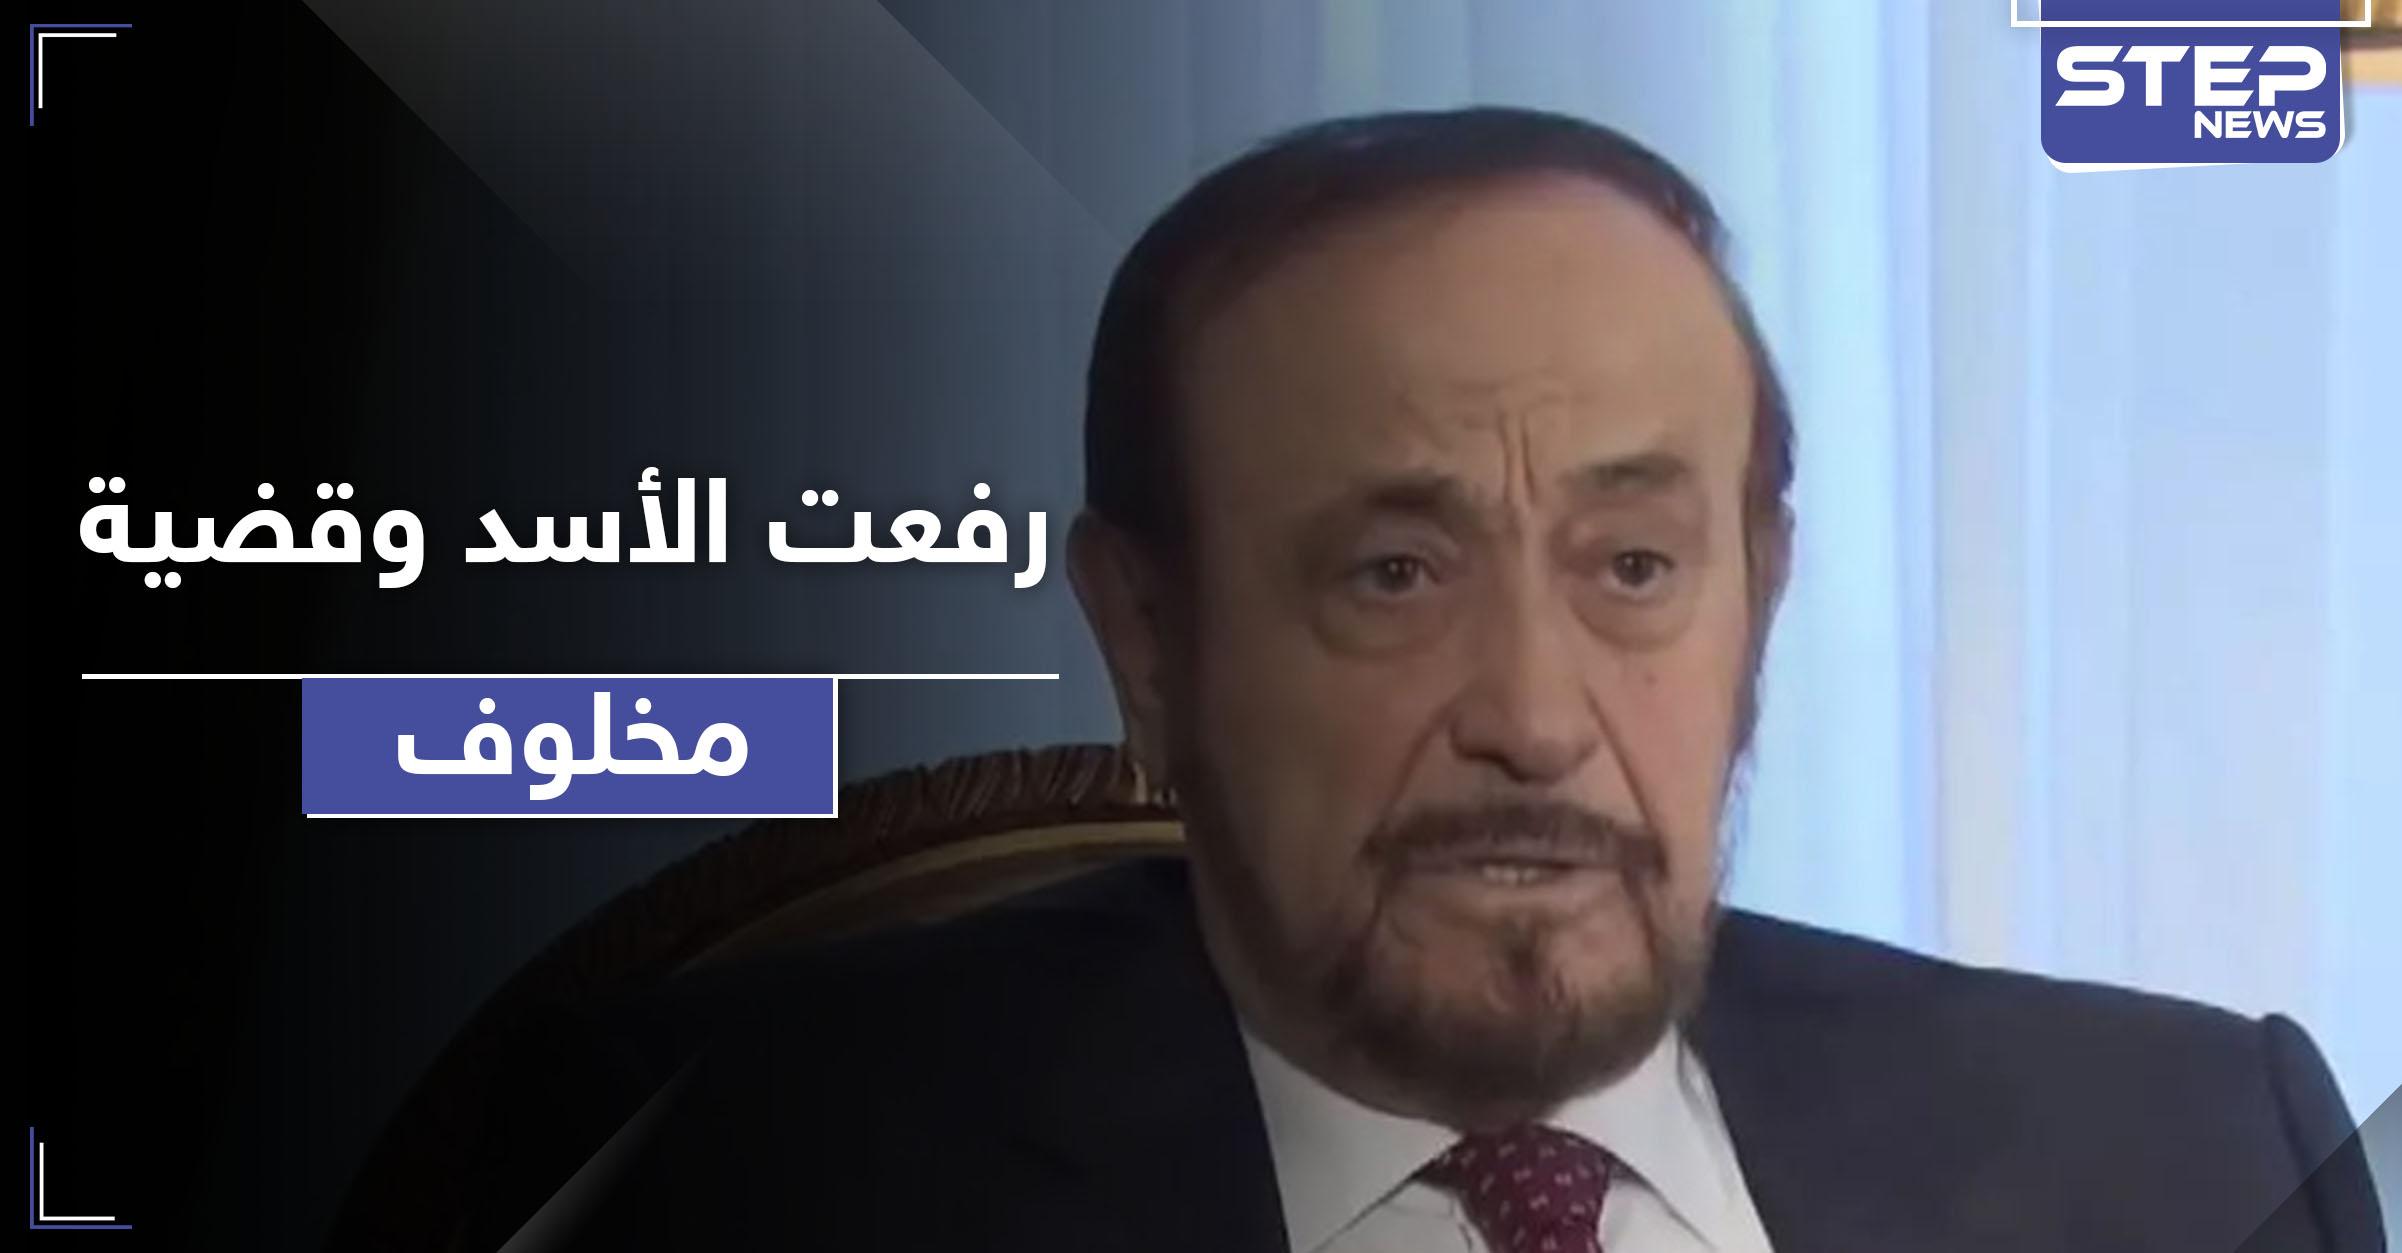 تعليق رفعت الأسد على قضية رامي مخلوف